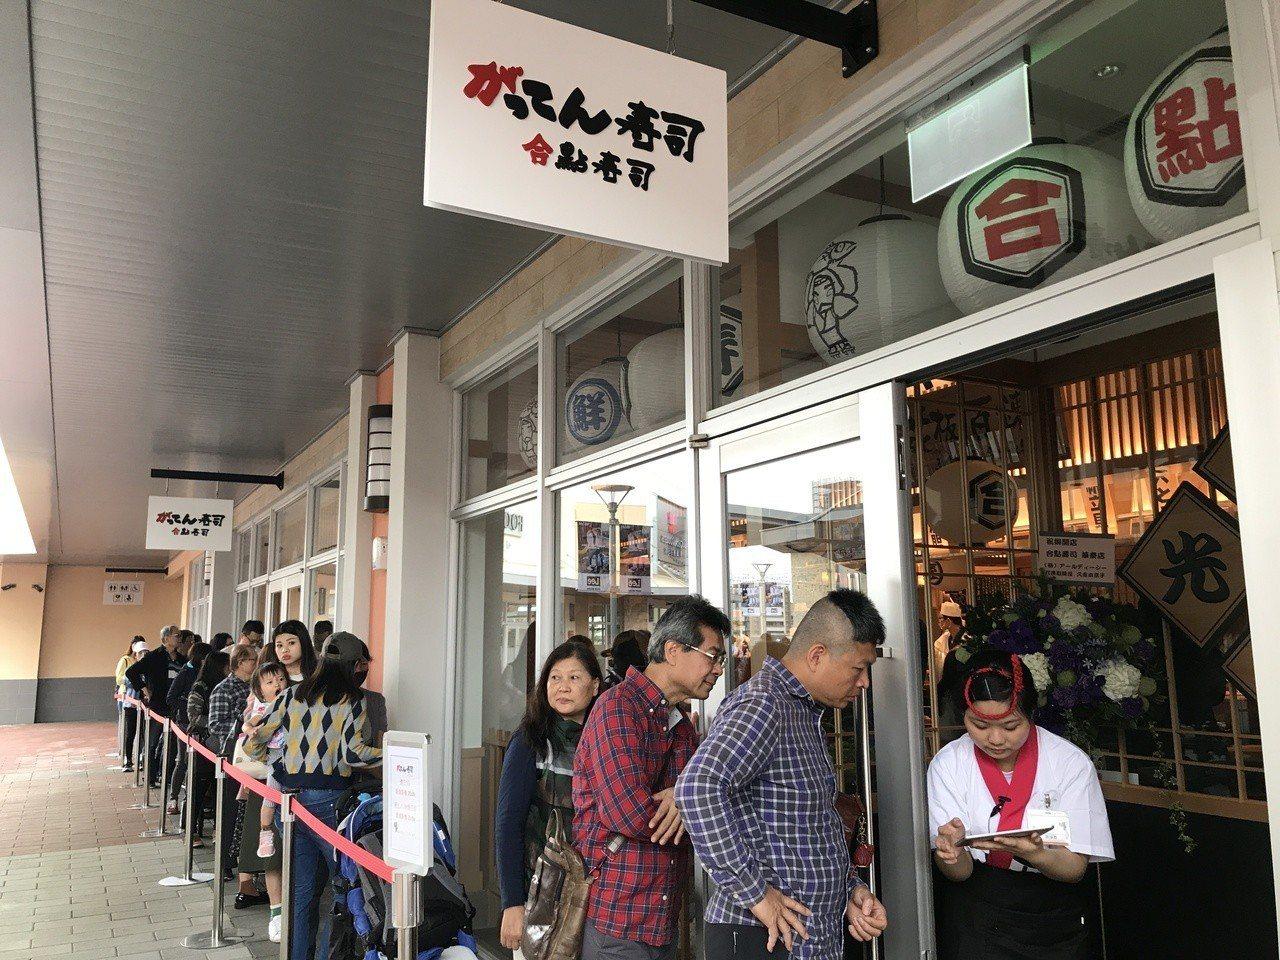 合點壽司店內外排隊人潮。記者江佩君/攝影